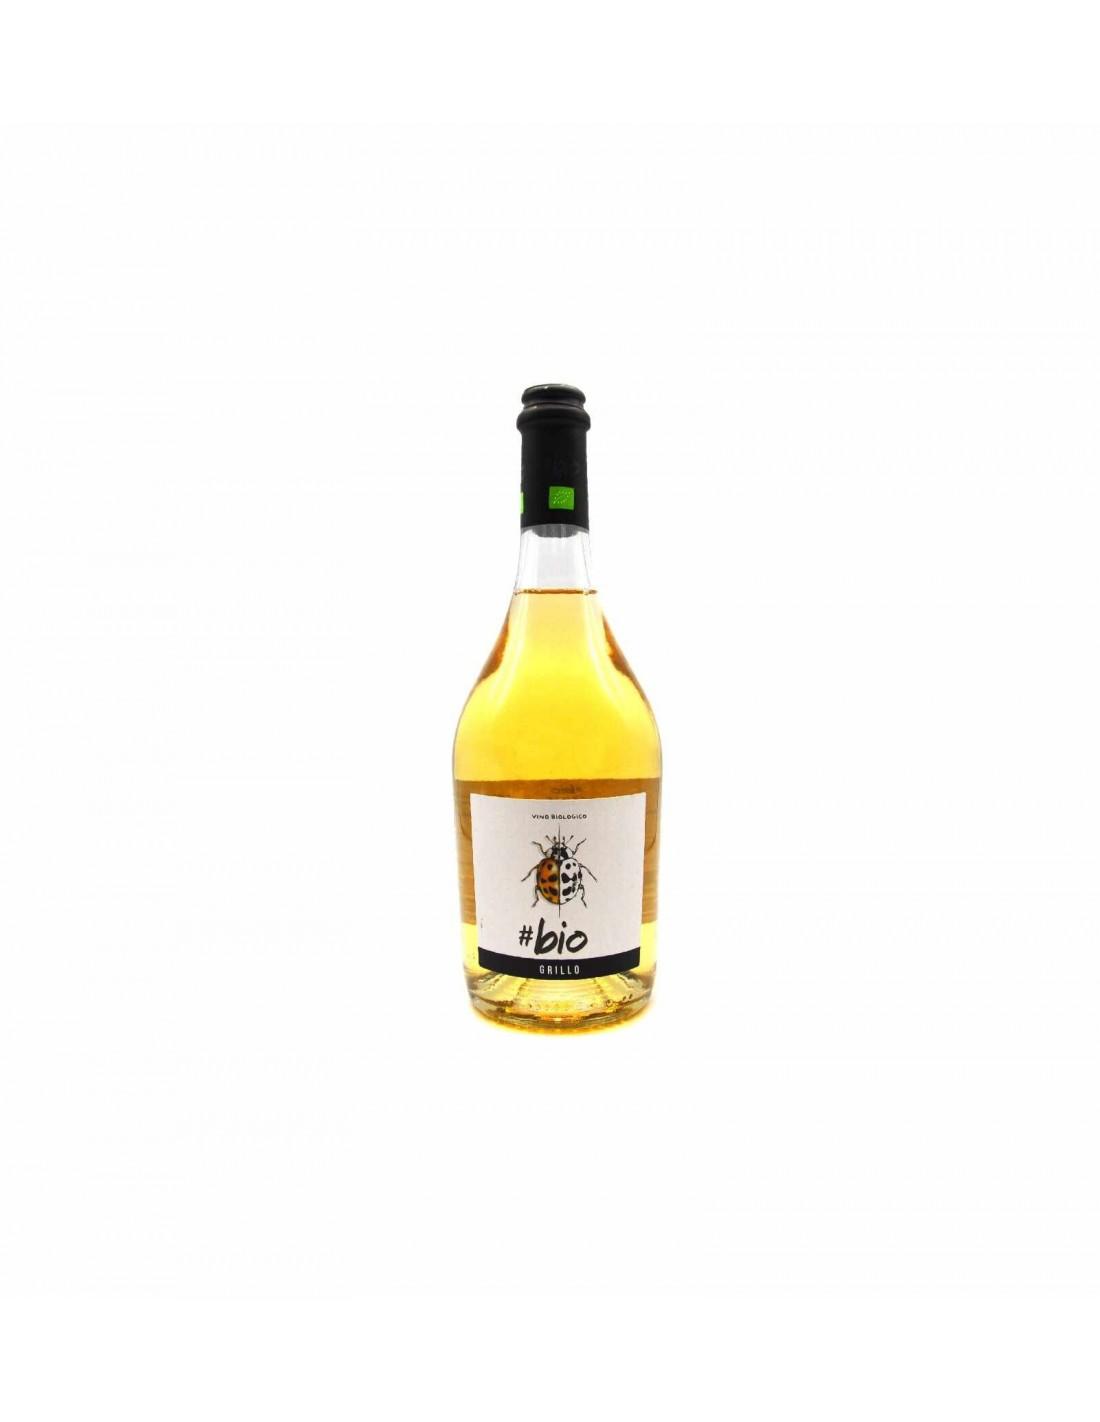 Vin alb organic, Grillo, Bio Sicilia, 12.5% alc., 0.75L, Italia image0